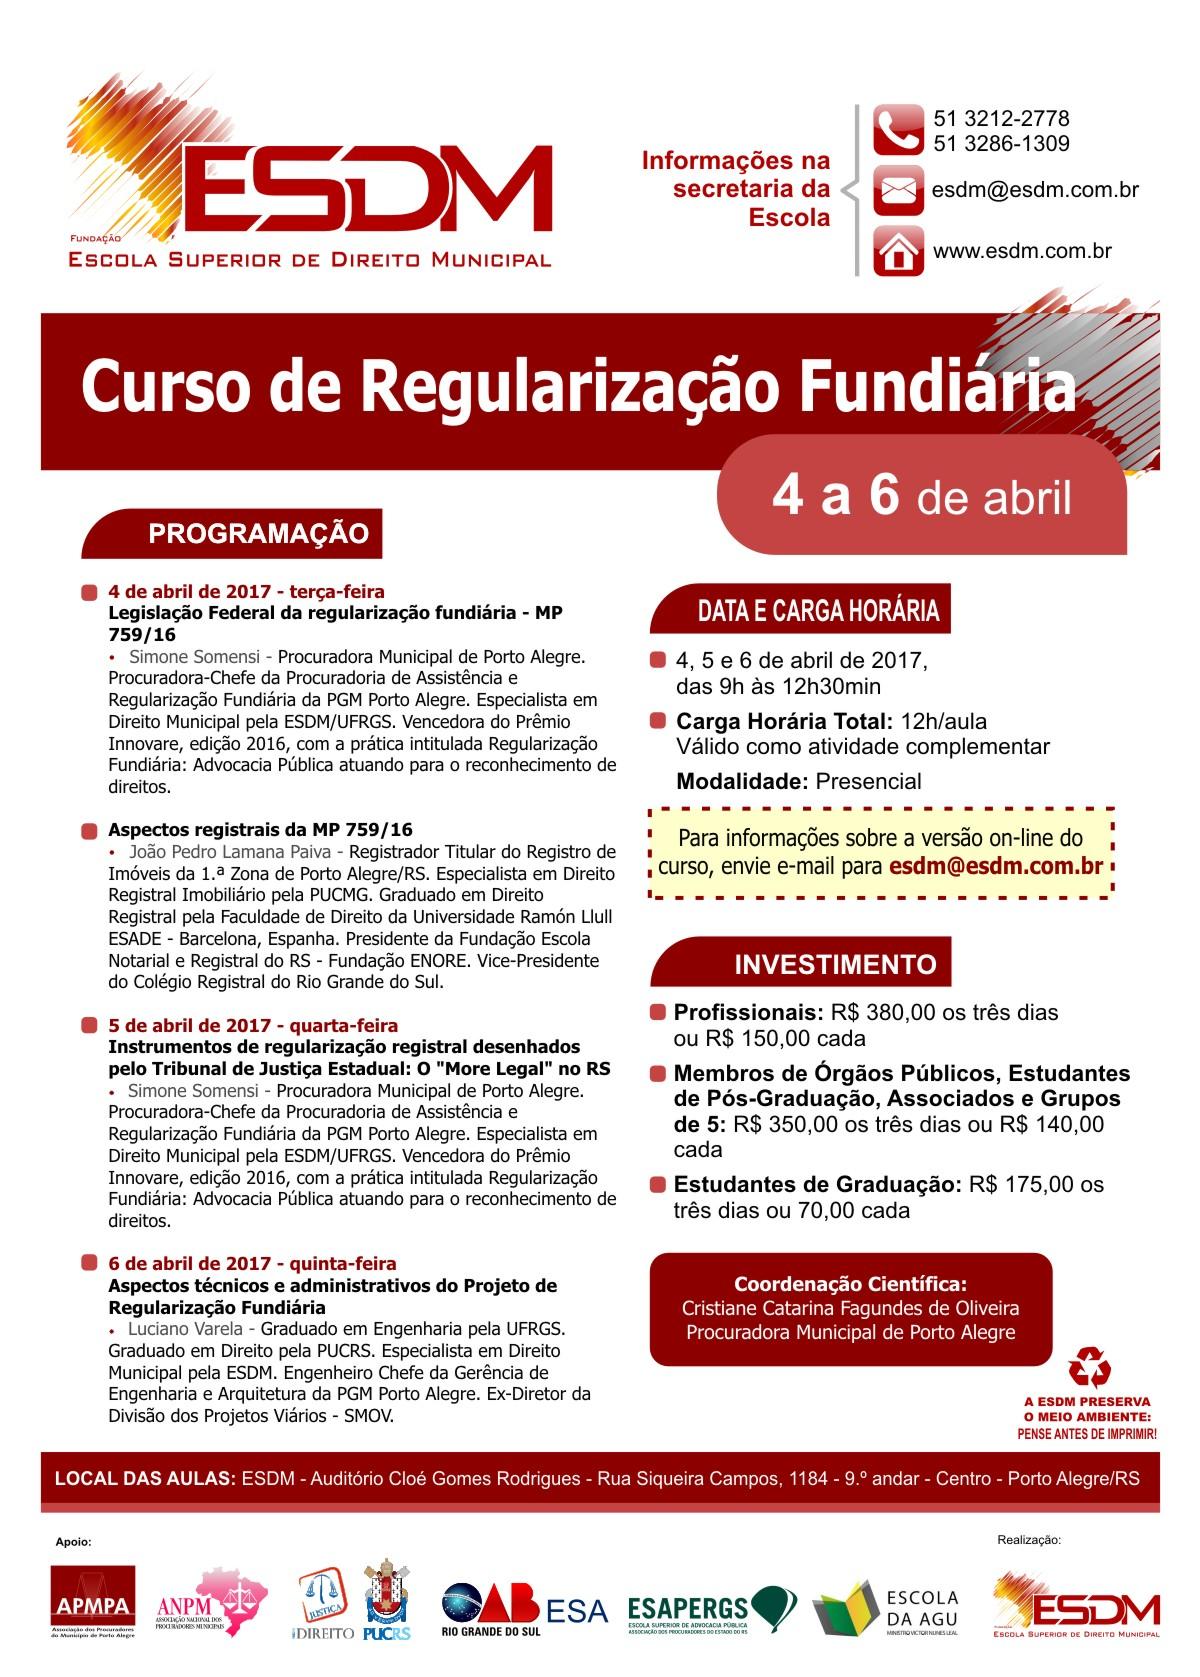 esdm - cartaz Curso de Regularização Fundiária